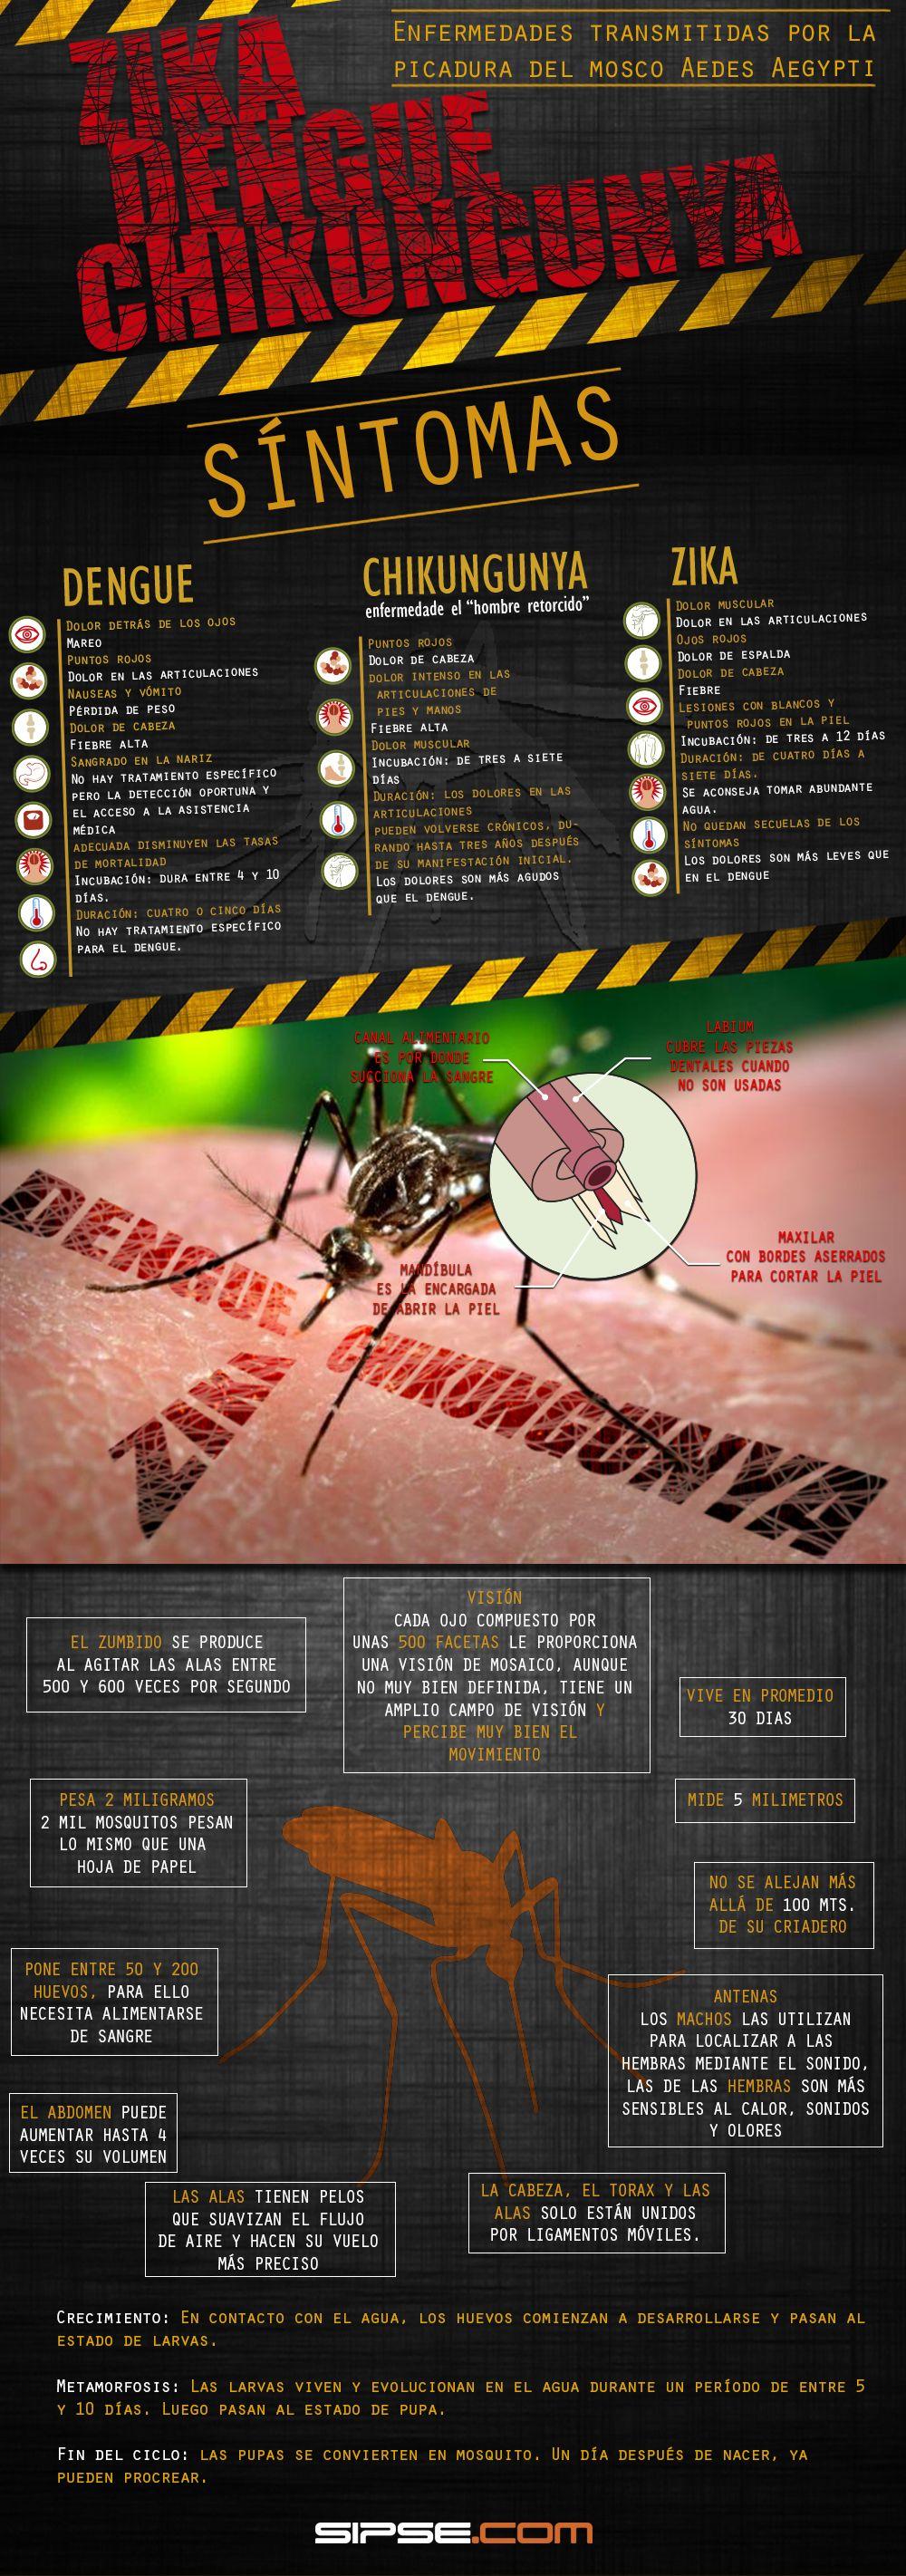 Infografía Conoce las enfermedades y síntomas transmitidas por el mosquito Aedes Aegypti